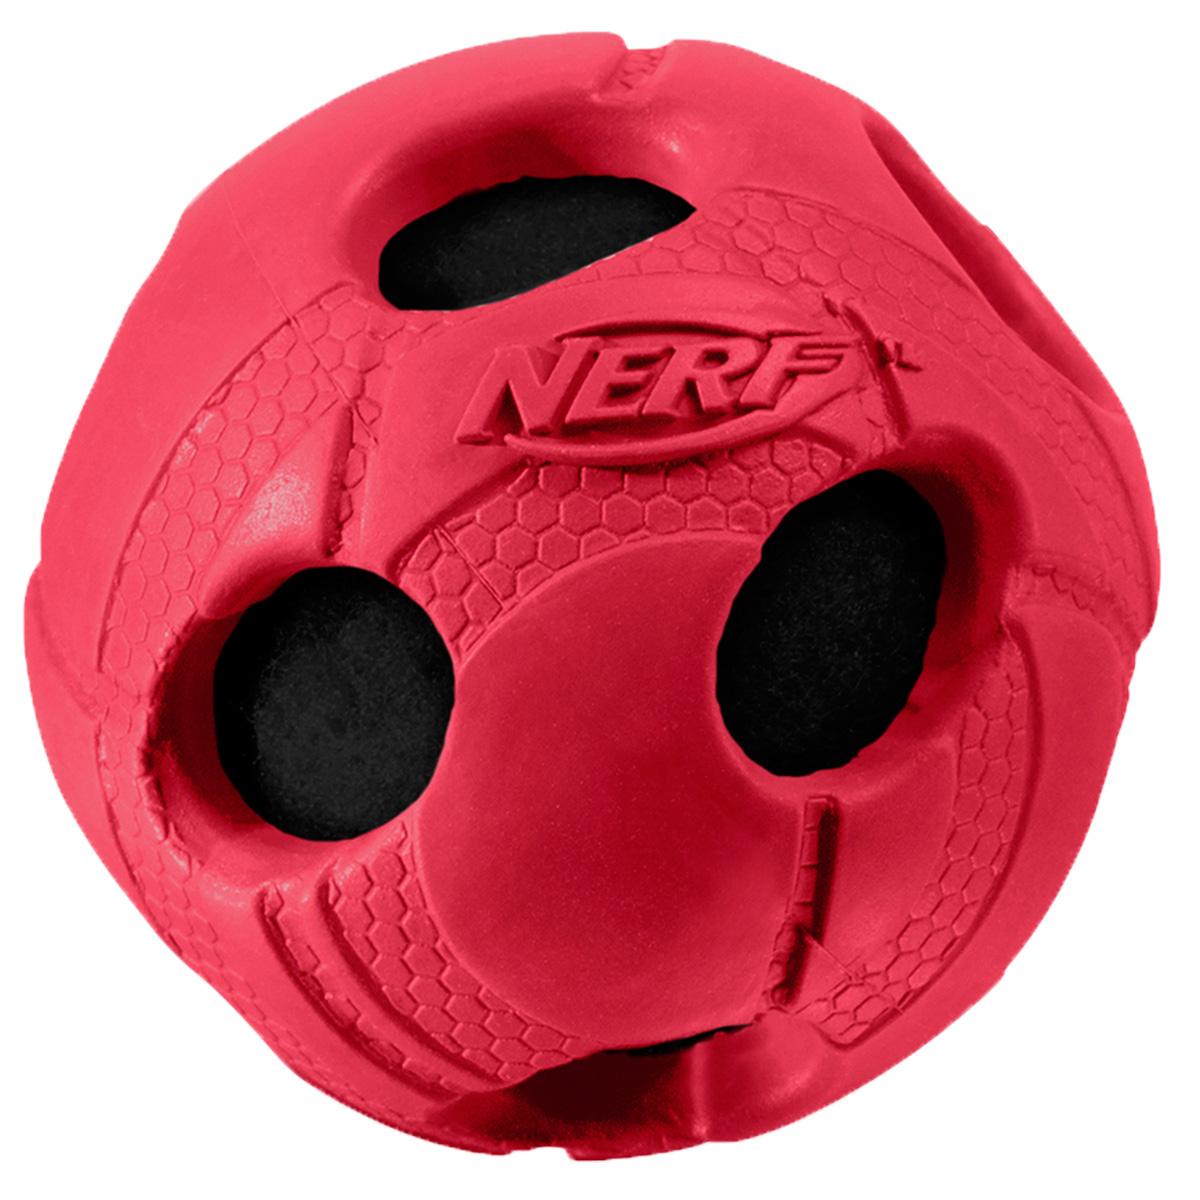 Игрушка для собак Nerf Мяч, с отверстиями, цвет: красный, 9 см игрушка для животных каскад мяч мина резиновый цвет красный 10 см